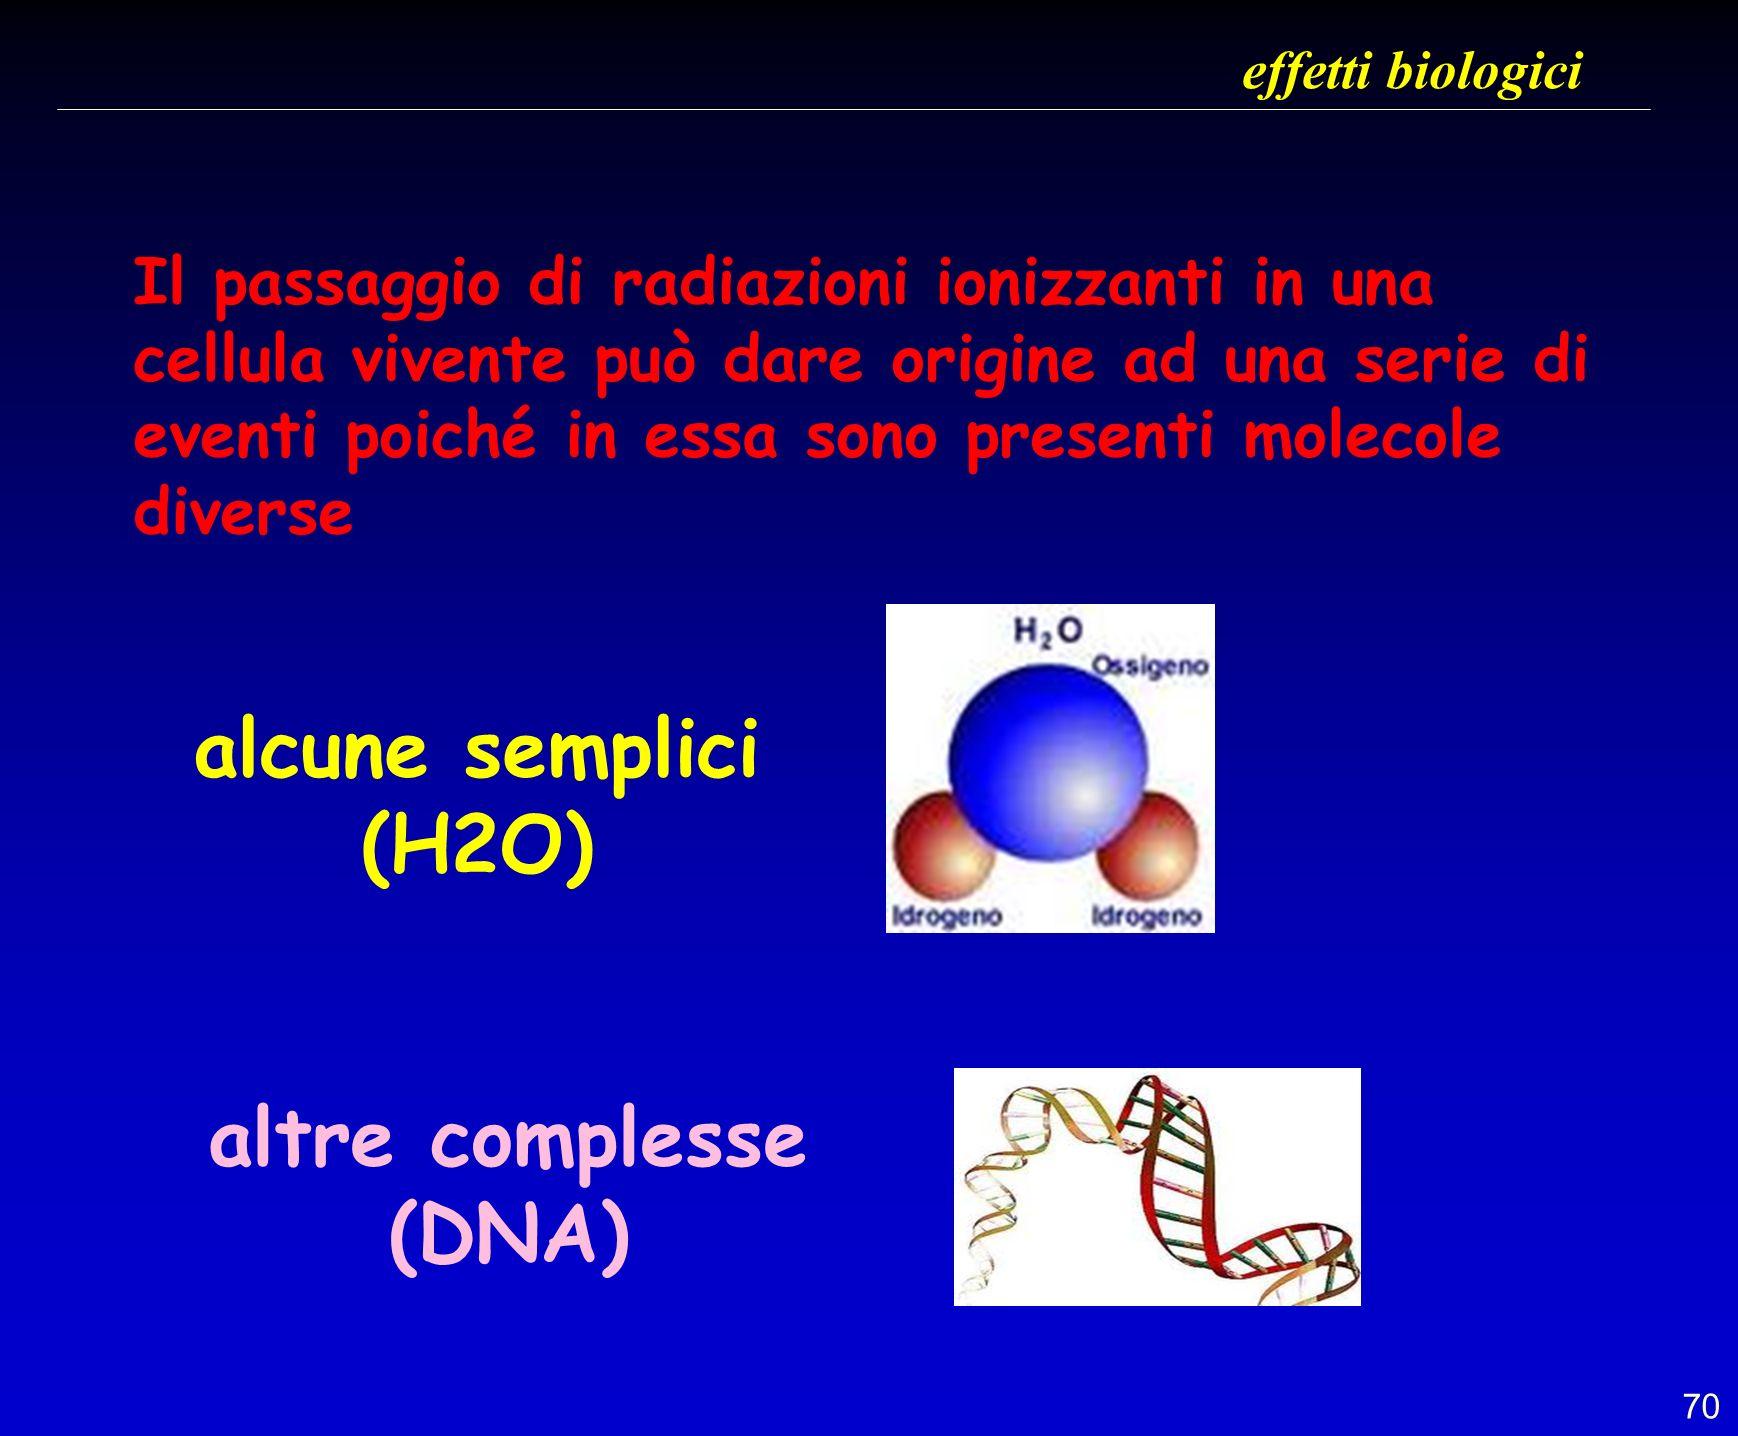 70 effetti biologici Il passaggio di radiazioni ionizzanti in una cellula vivente può dare origine ad una serie di eventi poiché in essa sono presenti